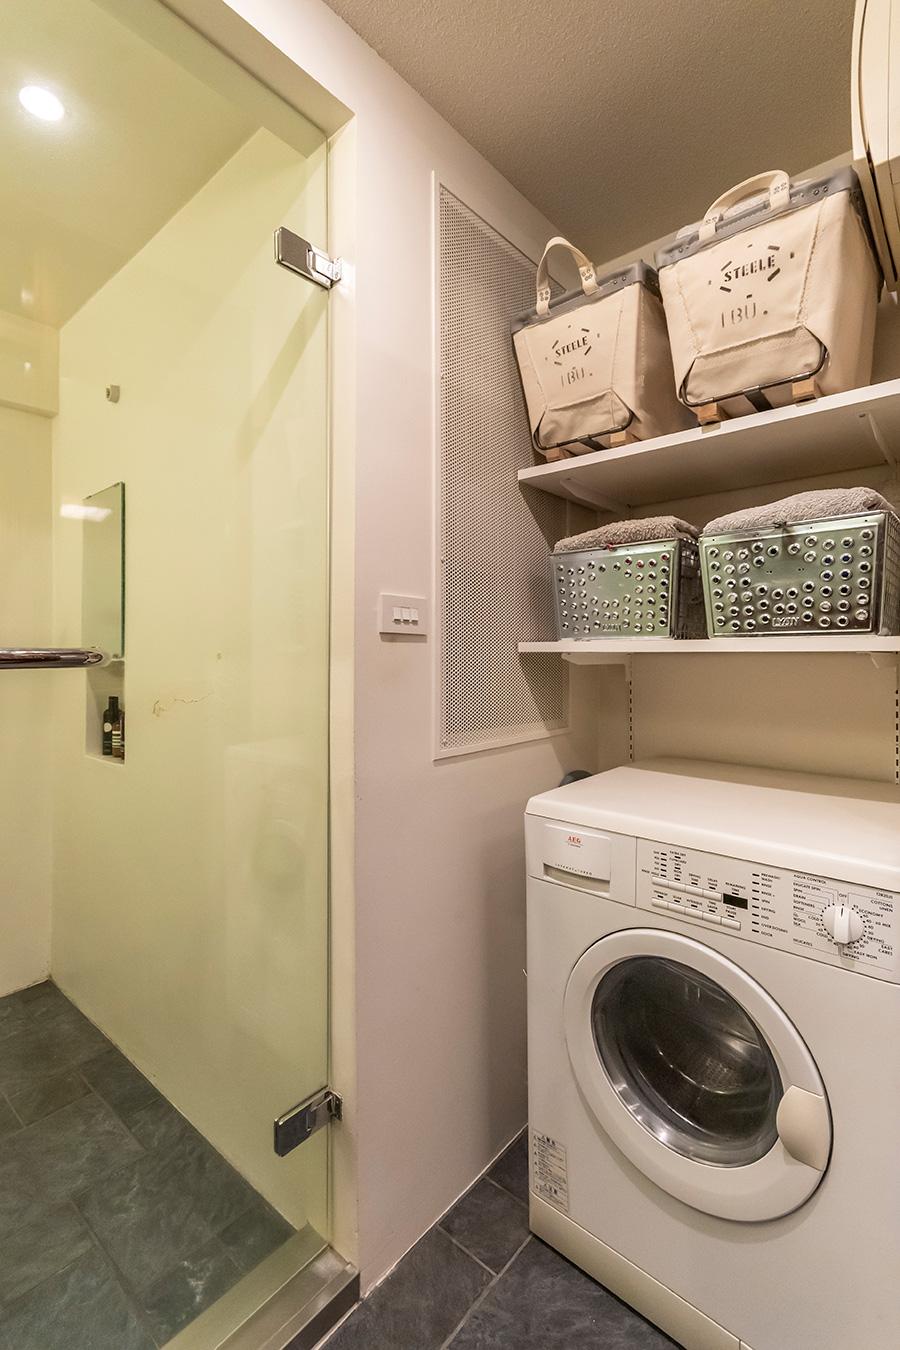 細長い洗面所の空間を効率よく活用した収納。